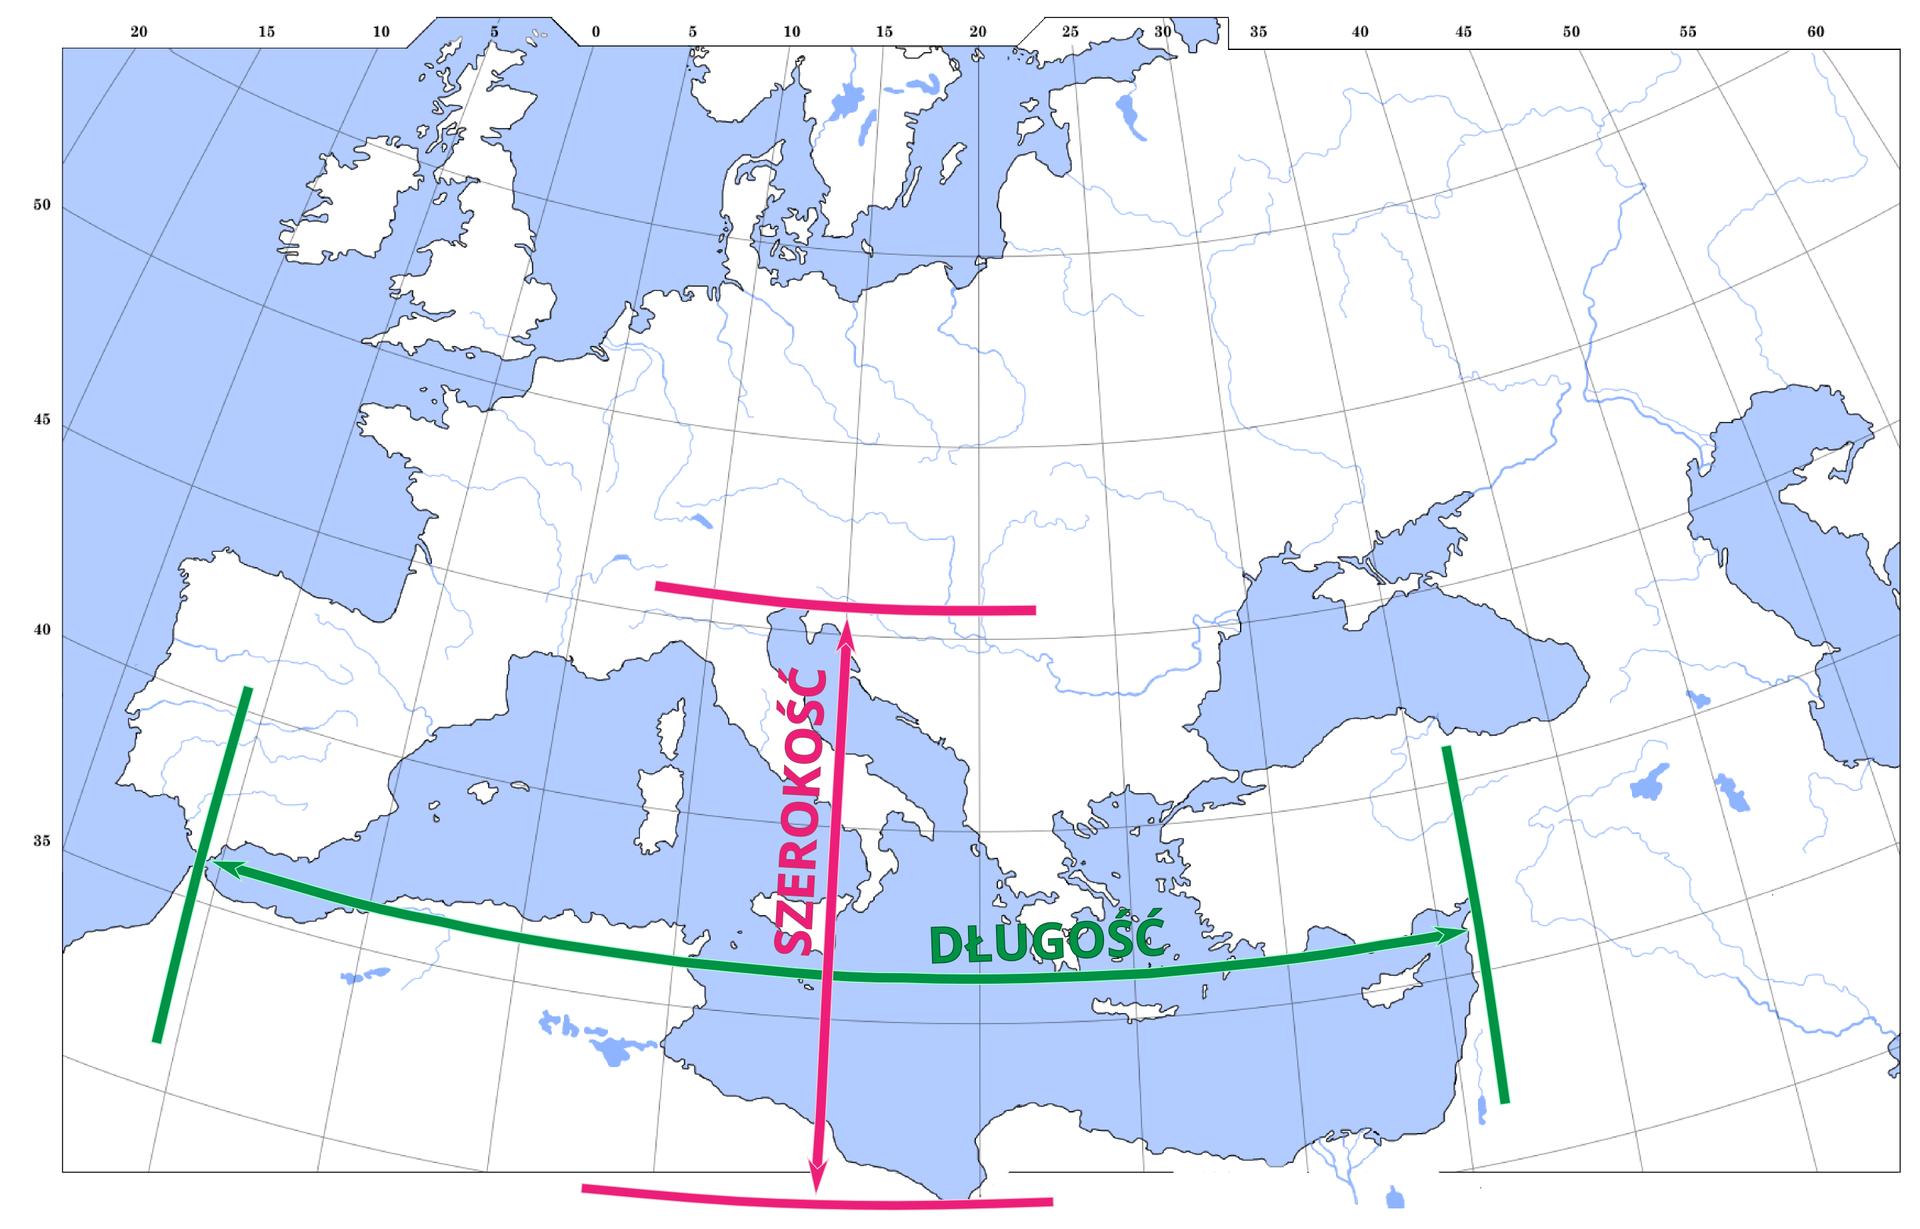 Ilustracja przedstawia mapę. Powierzchnia lądów jest zaznaczona na biało. Kontury mapy czarne. Kolor niebieski to obszary pokryte wodą. Większa część mapy przedstawia Europę. Na dole mapy widoczne pionowe ipoziome linie. Pionowa linia jest różowa. Górny grot strzałki sięga północnej części Włoch. Na dole grot strzałki sięga do północnego wybrzeża Afryki. Pionowa linia wskazuje rozciągłość Morza Śródziemnego na północ ipołudnie. Wzdłuż linii napis: szerokość. Pozioma linia jest zielona. Lewy grot strzałki zielonej linii sięga zachodniego krańca Morza Śródziemnego. Prawy grot zielonej poziomej linii sięga drugiego końca Morza Śródziemnego – wschodniego. Wzdłuż tej linii napis: długość. Cała mapa pokryta jest siatką południków irównoleżników.